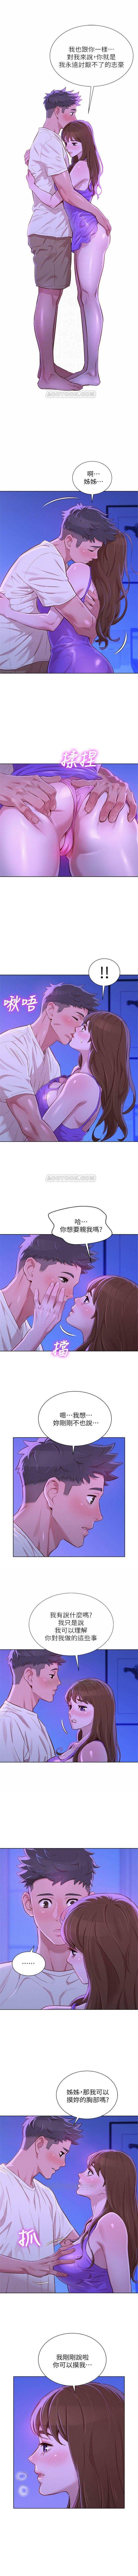 (周7)漂亮干姐姐  1-79 中文翻译 (更新中) 420